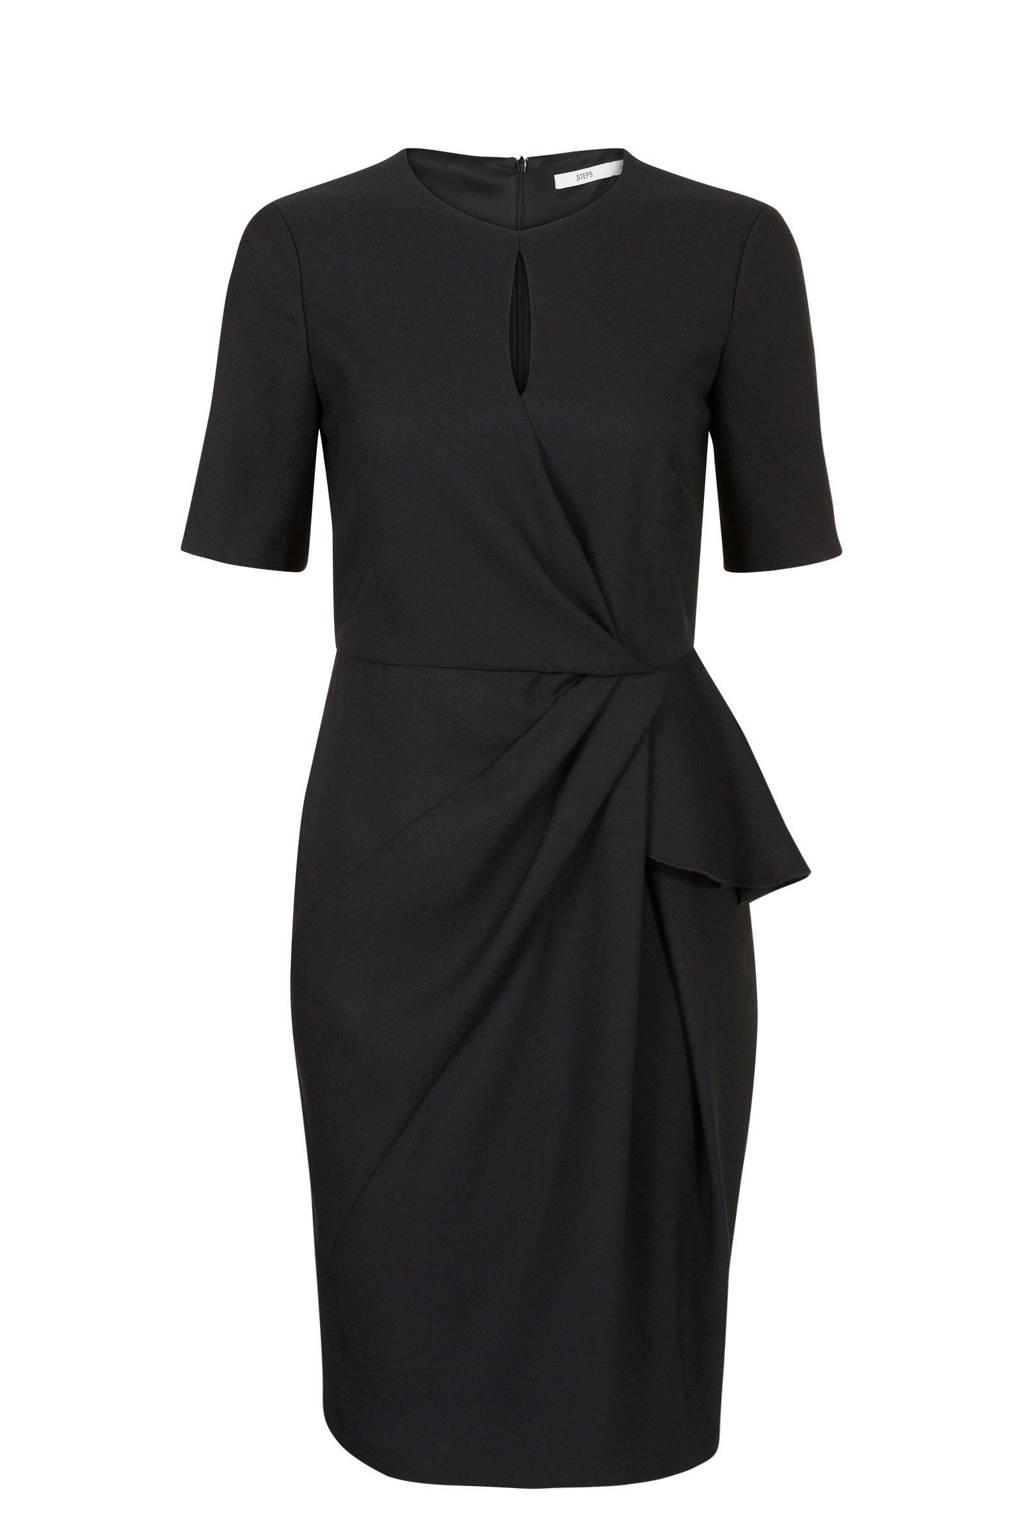 Steps jurk zwart, Zwart